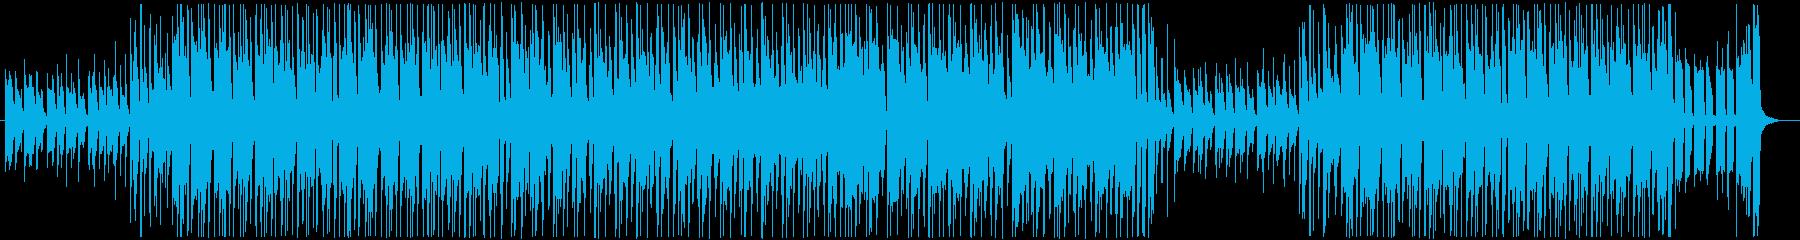 クラップと掛け声・ギターロック・ブルースの再生済みの波形